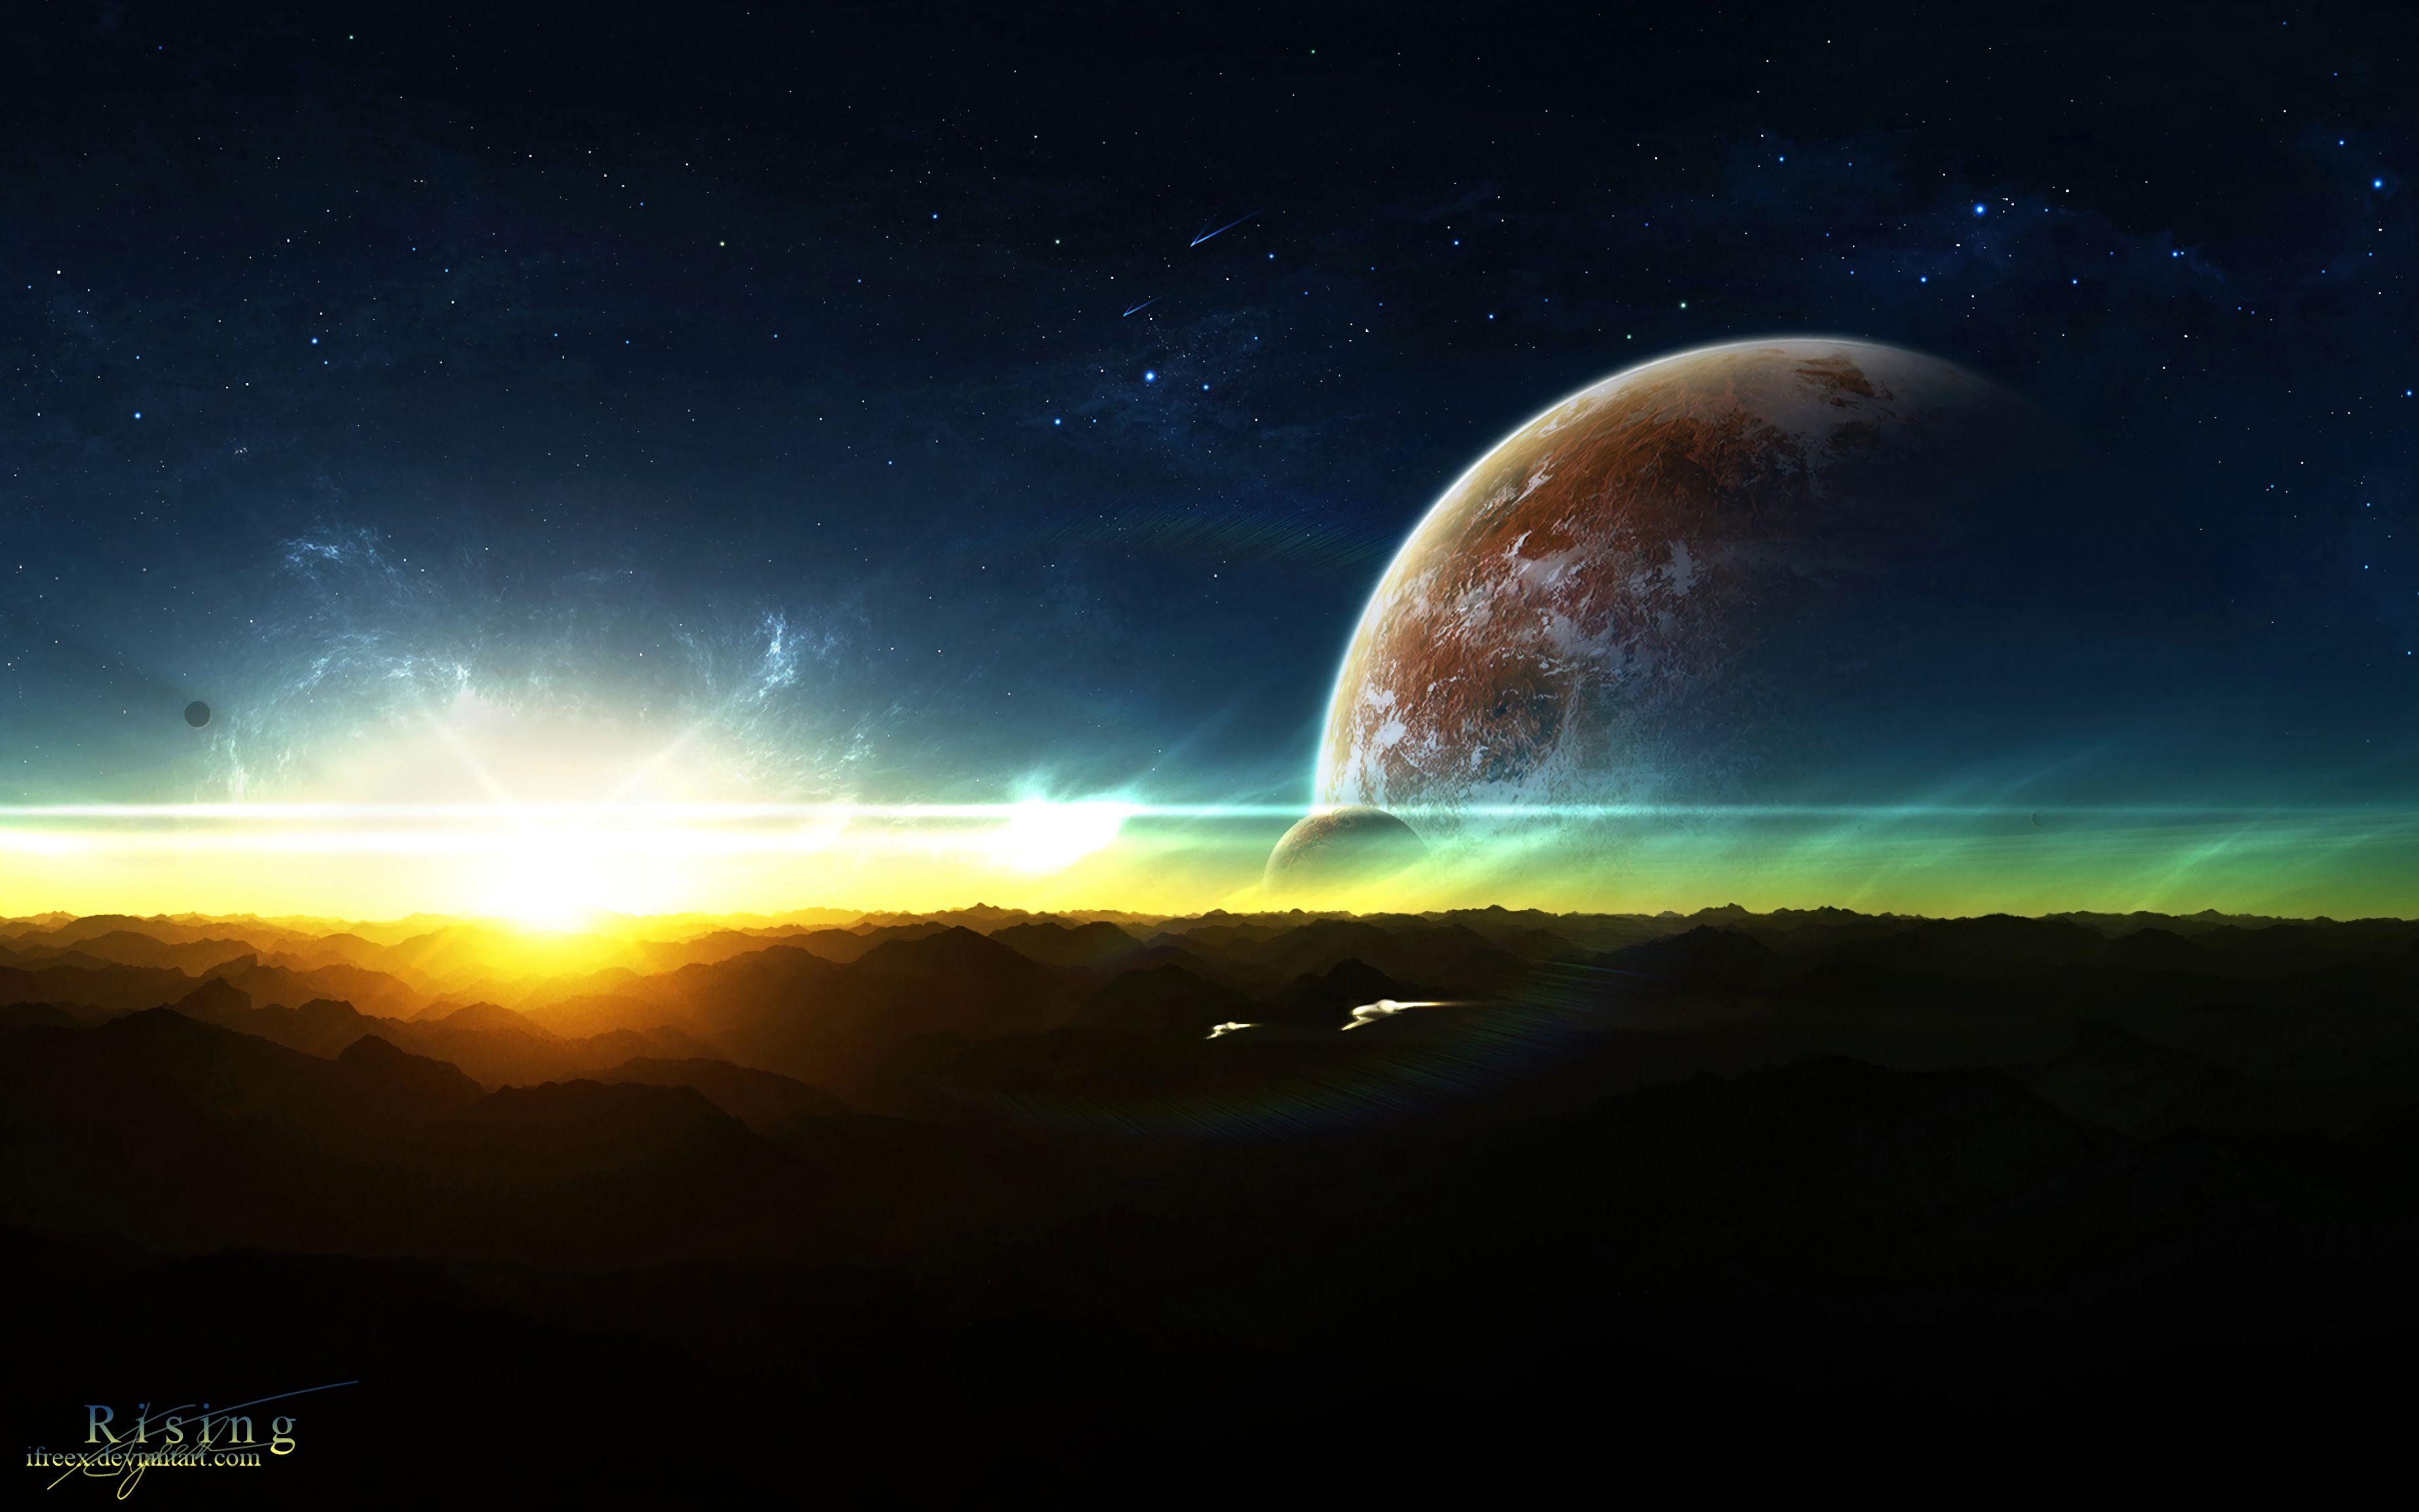 156724 fond d'écran 720x1280 sur votre téléphone gratuitement, téléchargez des images Planètes, Univers, Shining, Horizon, Satellite 720x1280 sur votre mobile